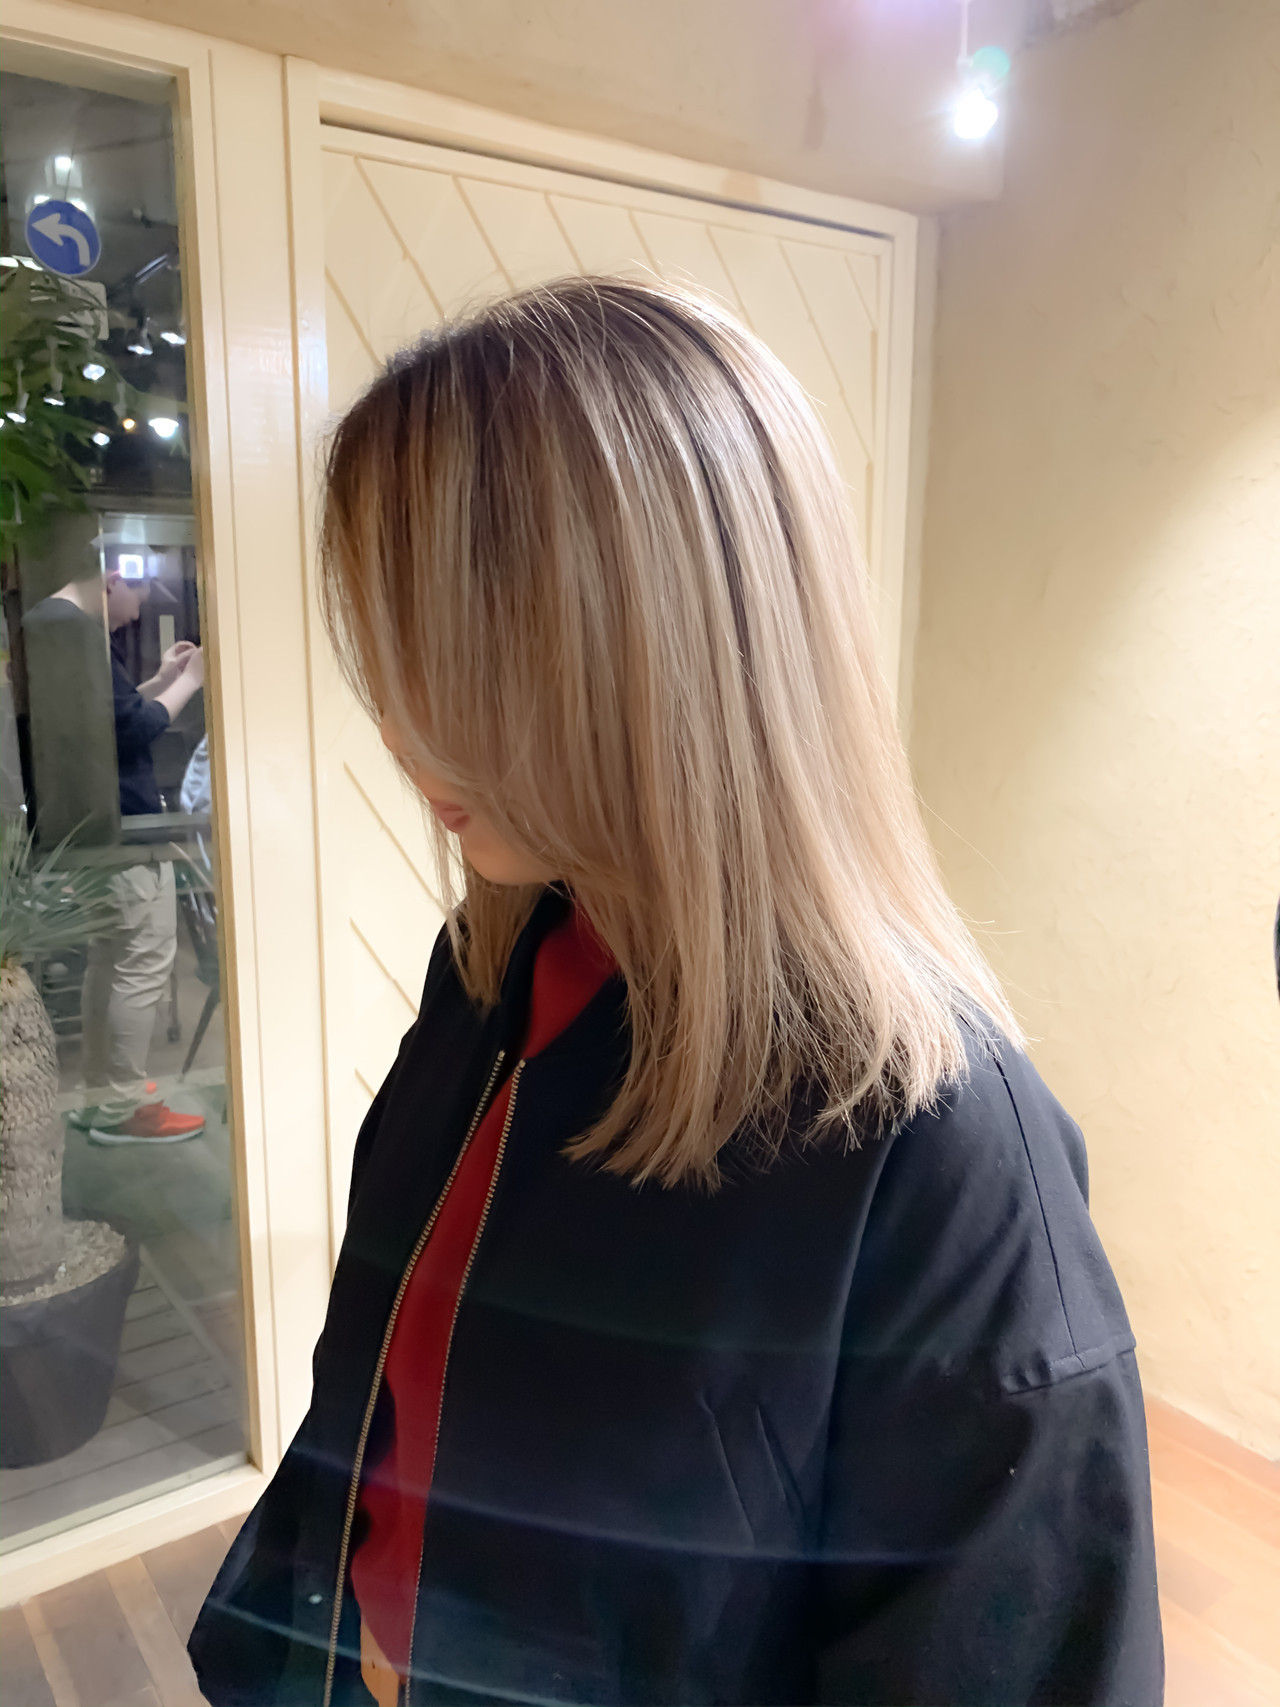 ブロンドカラー 切りっぱなしボブ ミディアム ベージュカラー ヘアスタイルや髪型の写真・画像